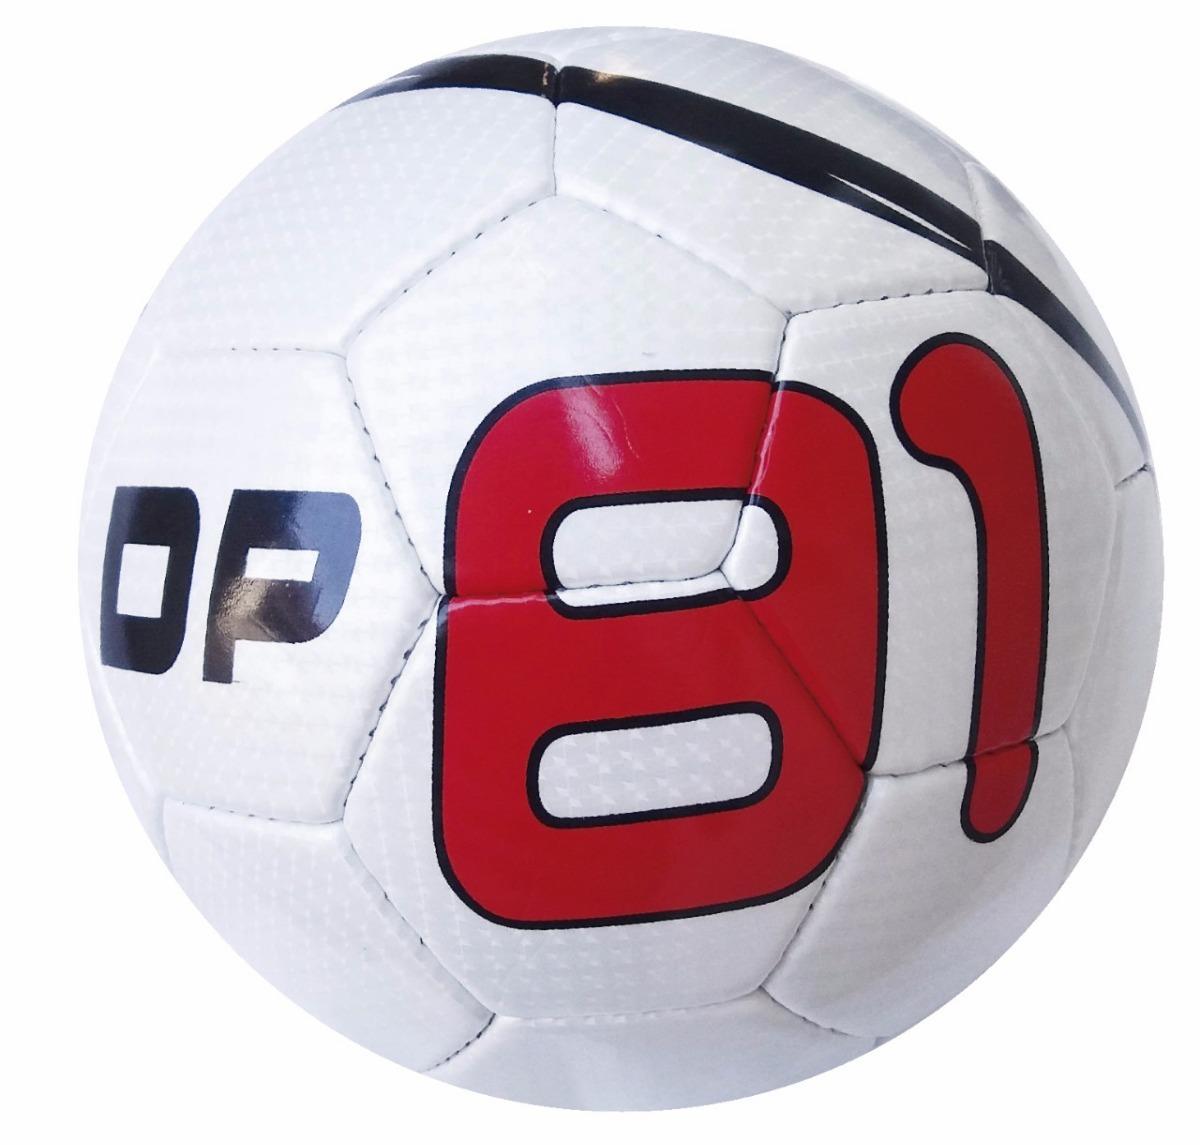 f555872339eae Bola Dp81 Original Futebol Futsal Federada - Pérola 2018 - R  63